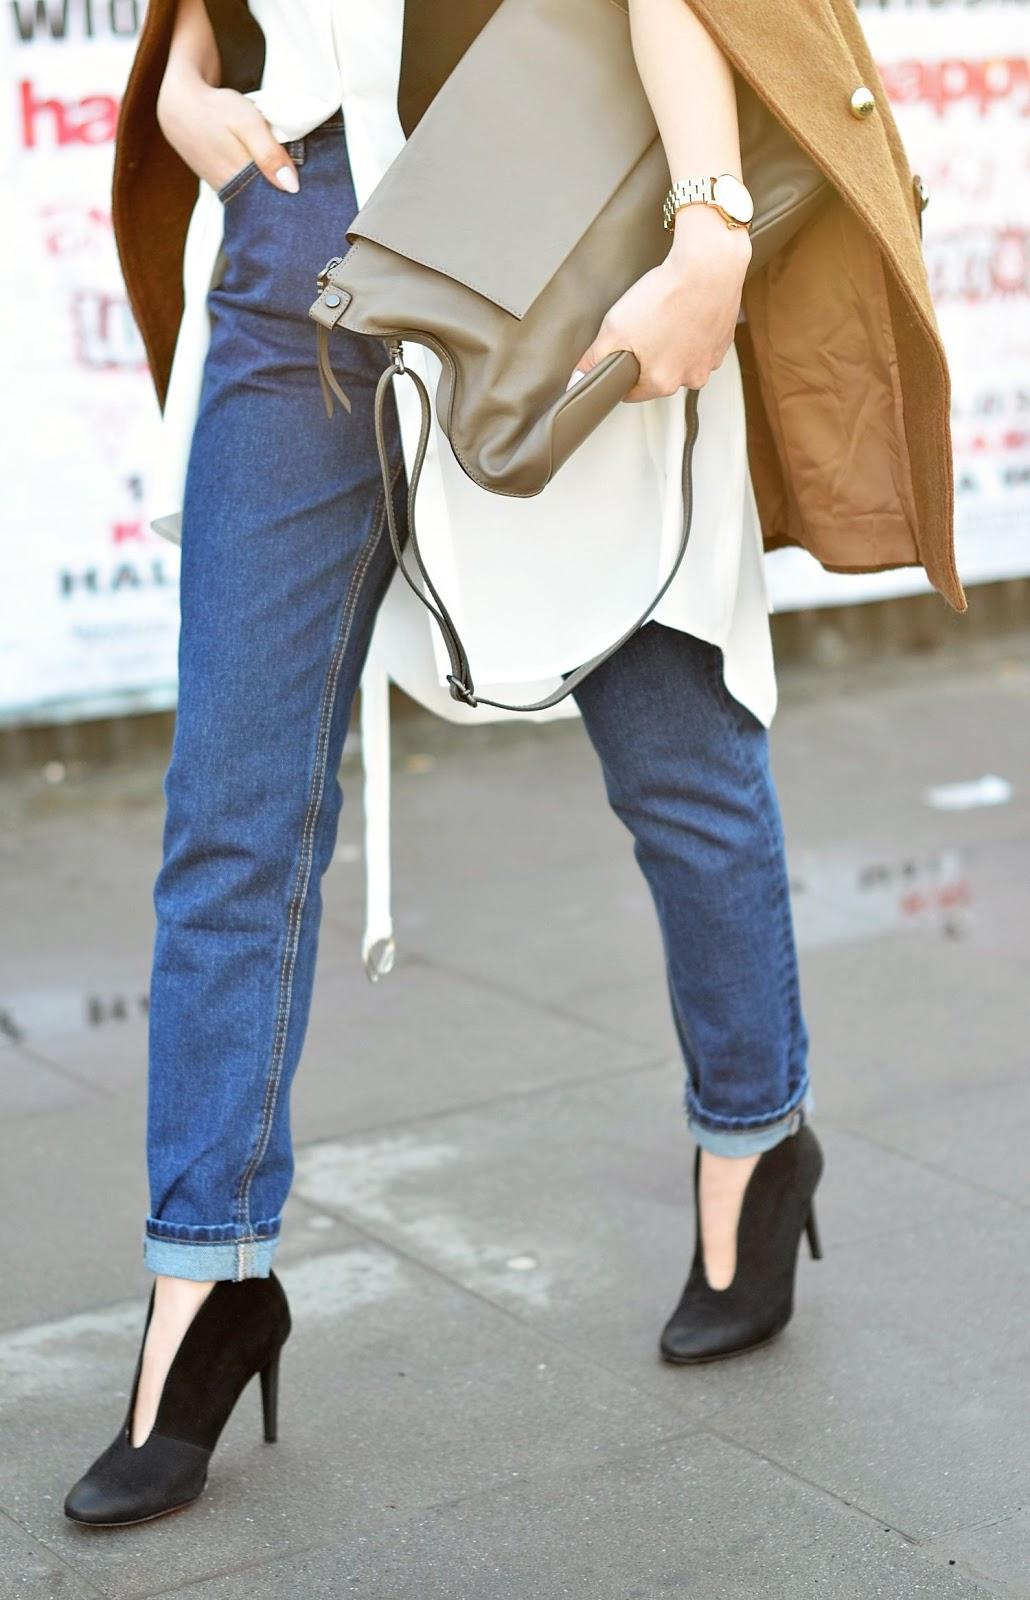 stylizacja na co dzien | blogerka modowa | jak sie ubierac warstwowo | streetstyle